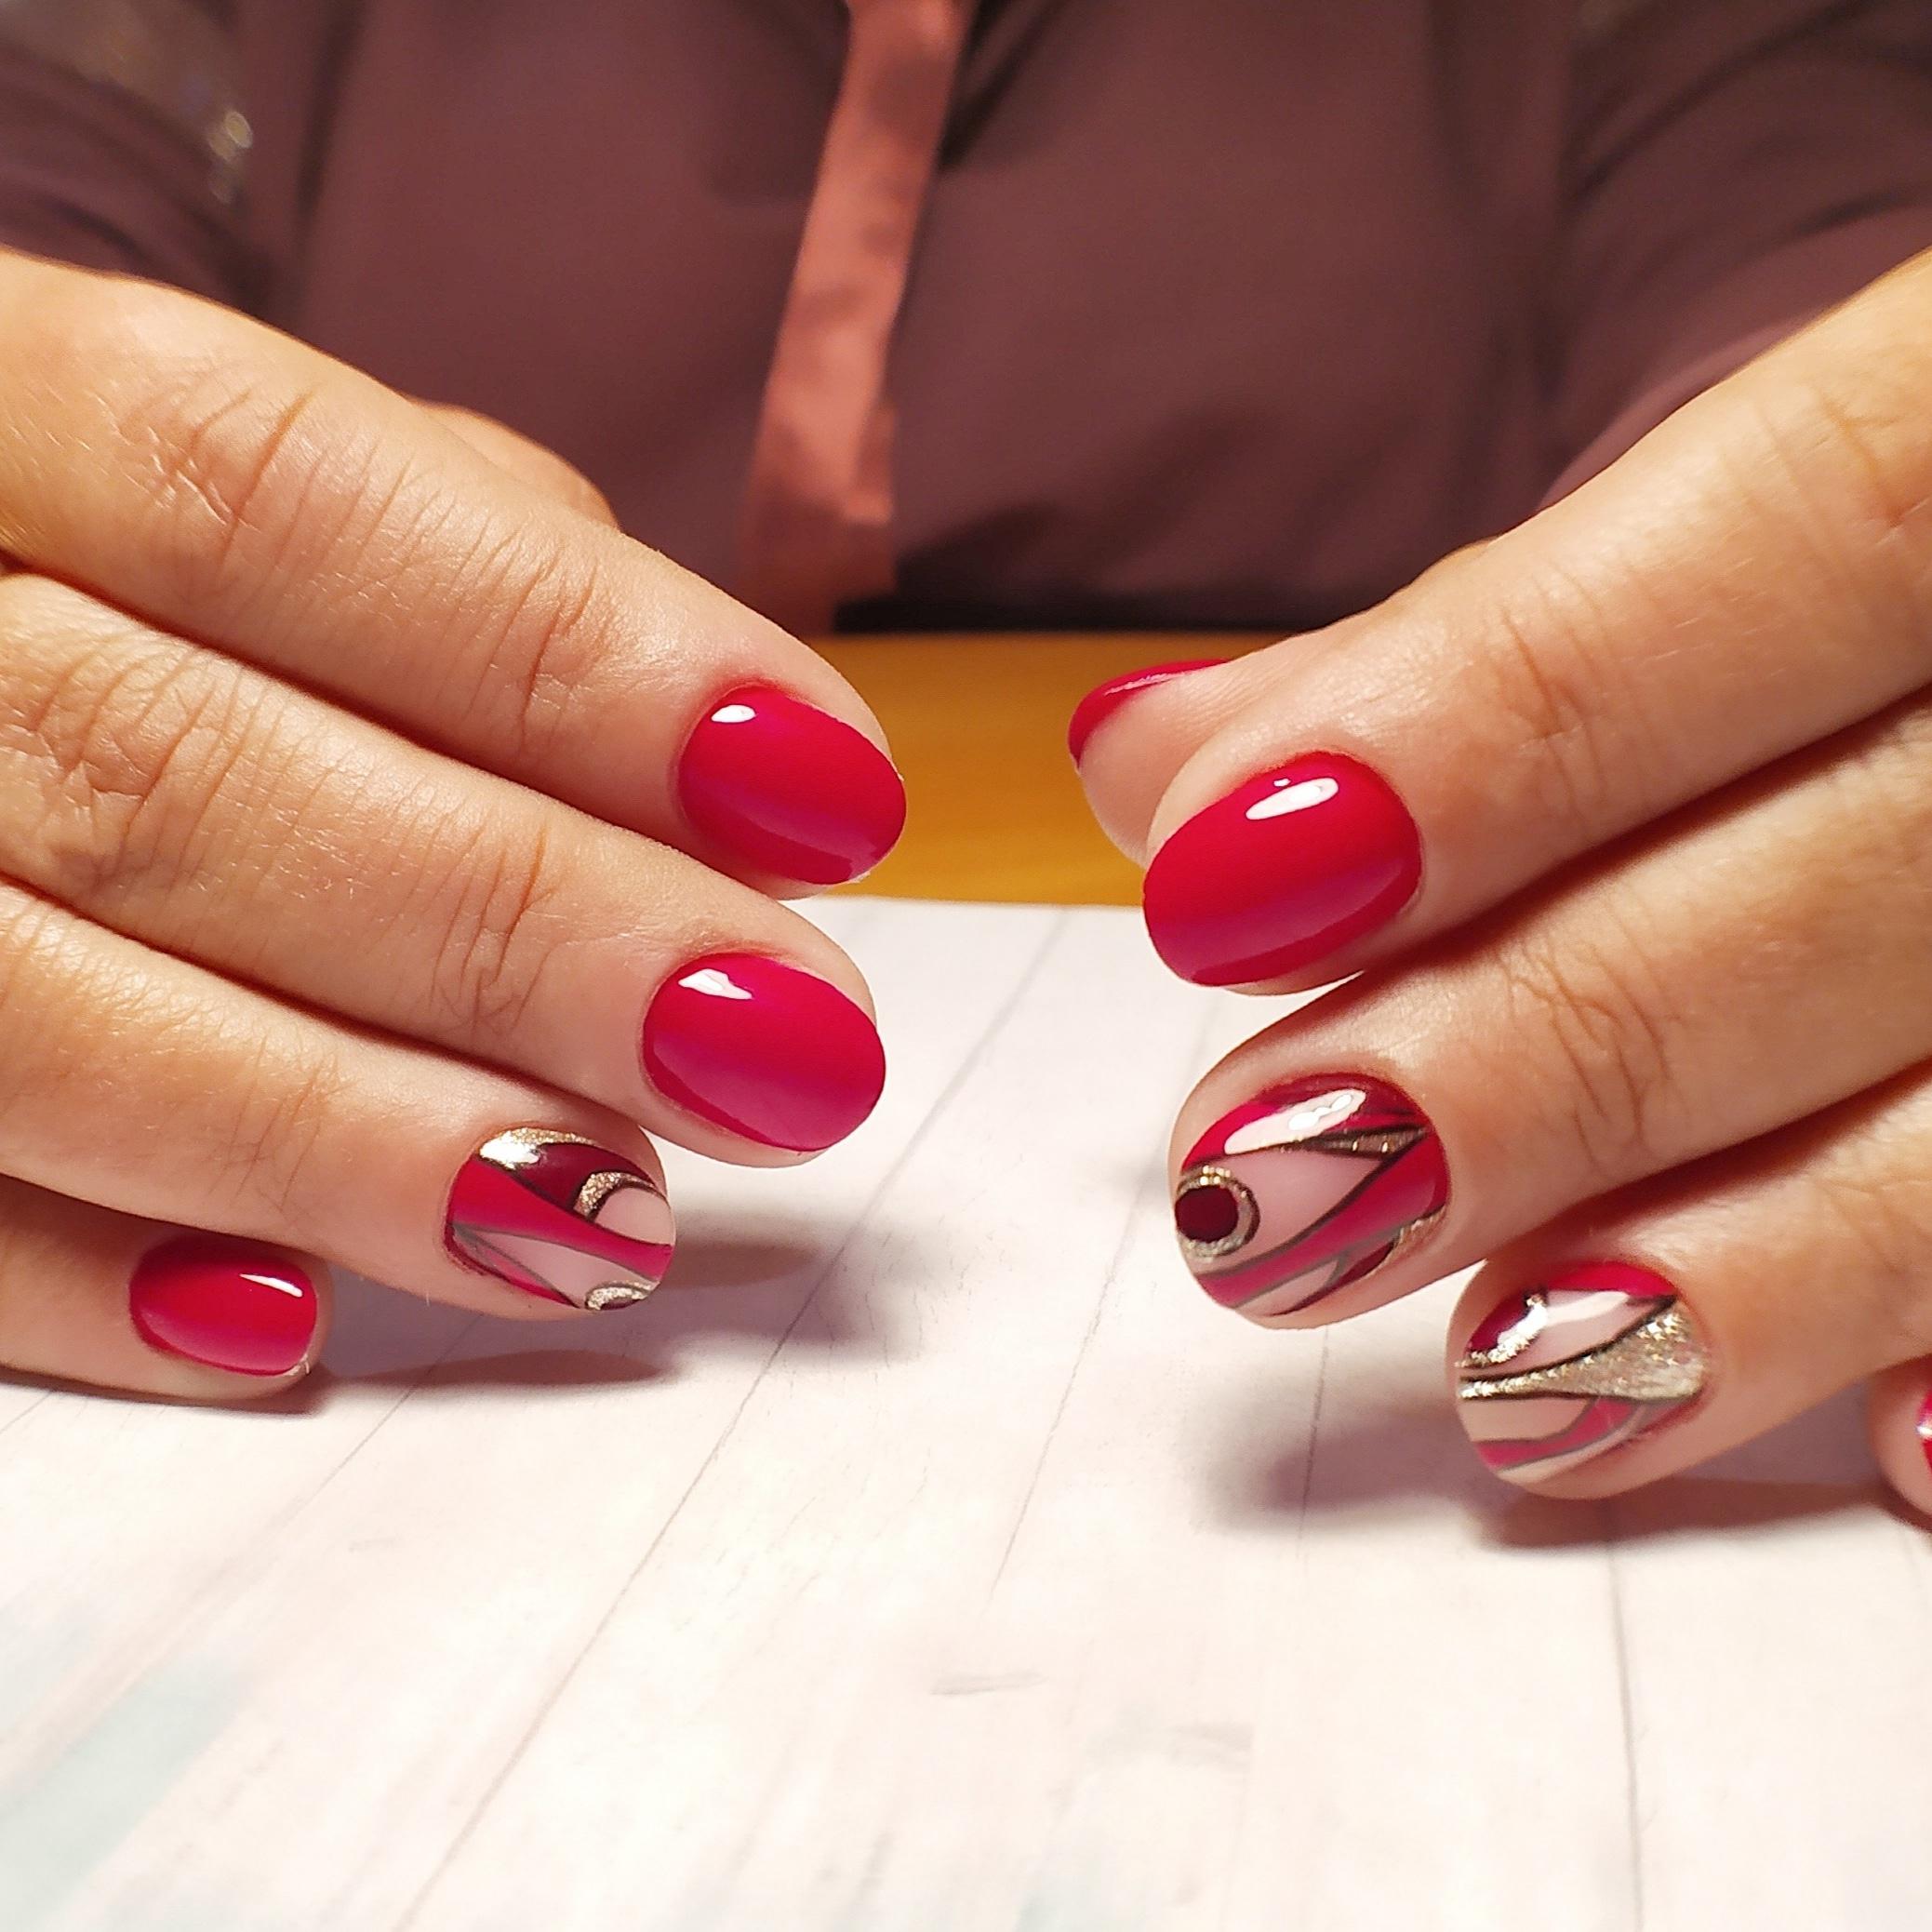 Геометрический маникюр с золотыми блестками в красном цвете.